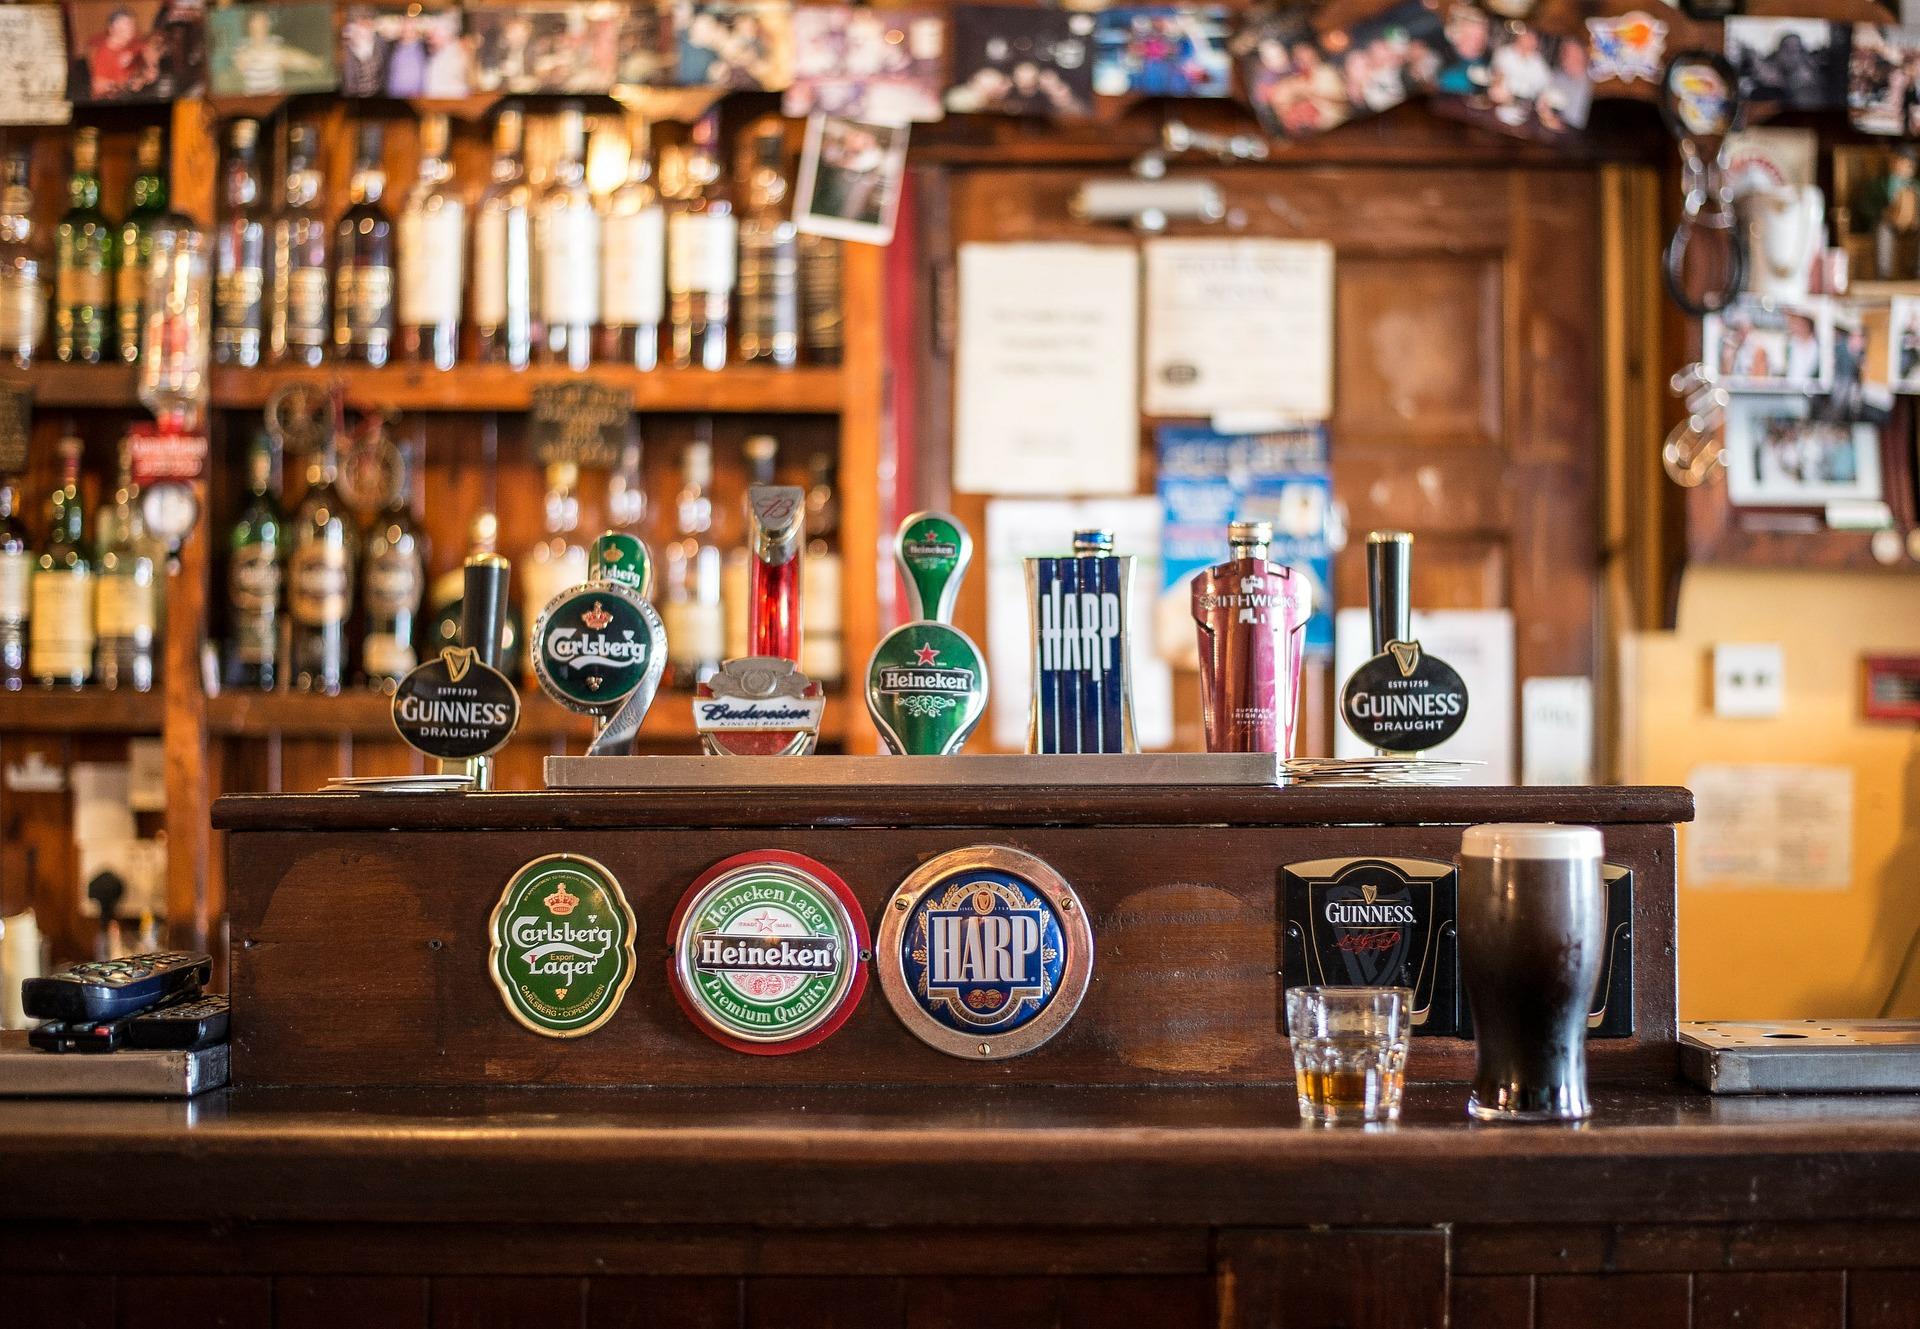 Eine Zapfanlage mit mehreren Biersorten